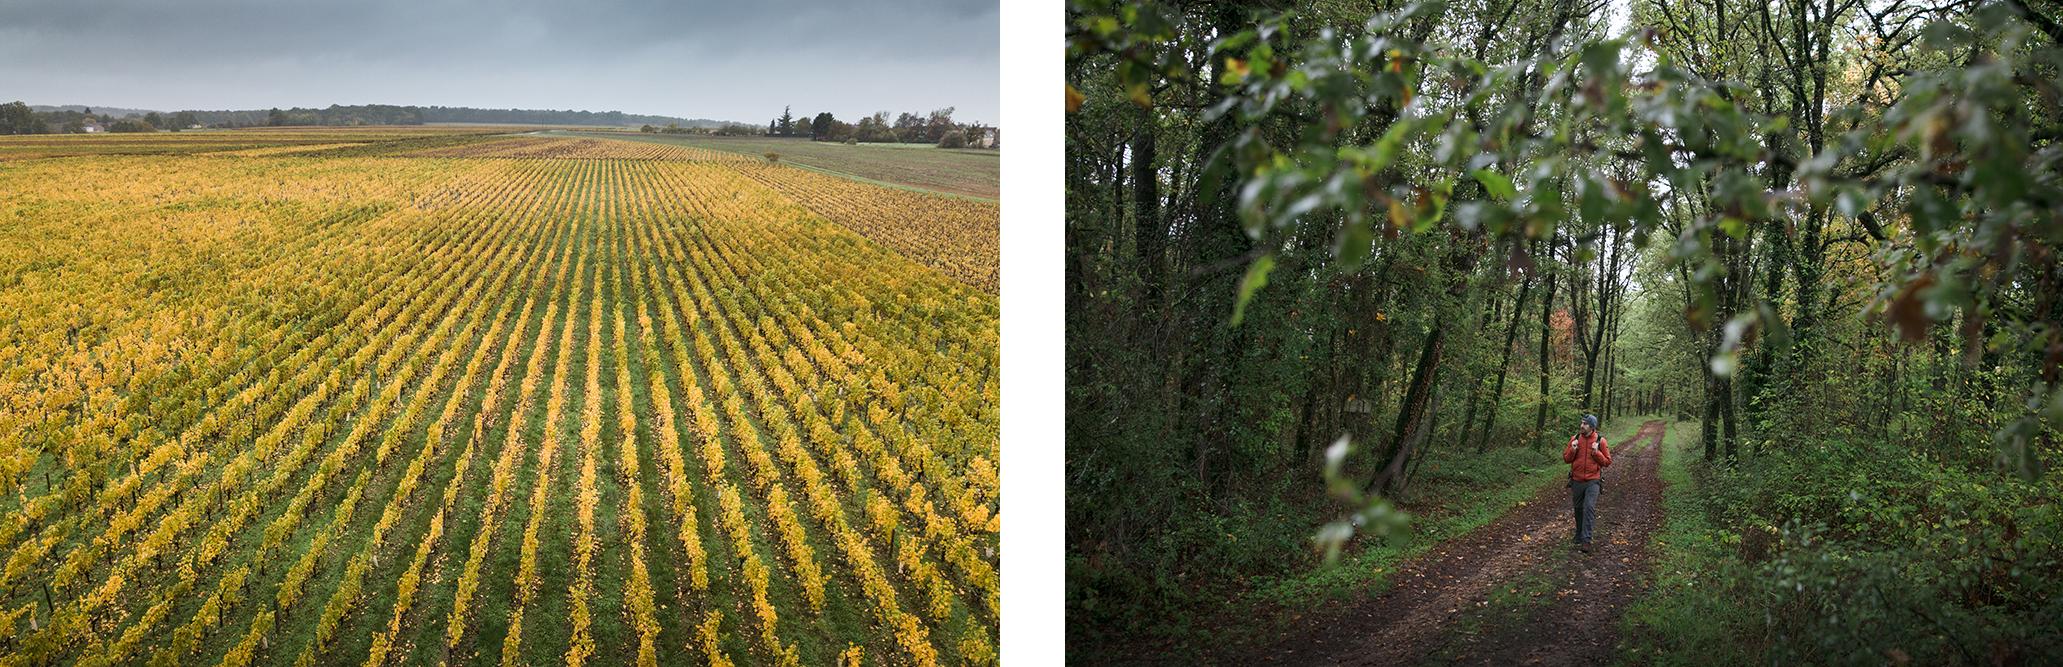 Randonner à l'automne dans les vignobles de France